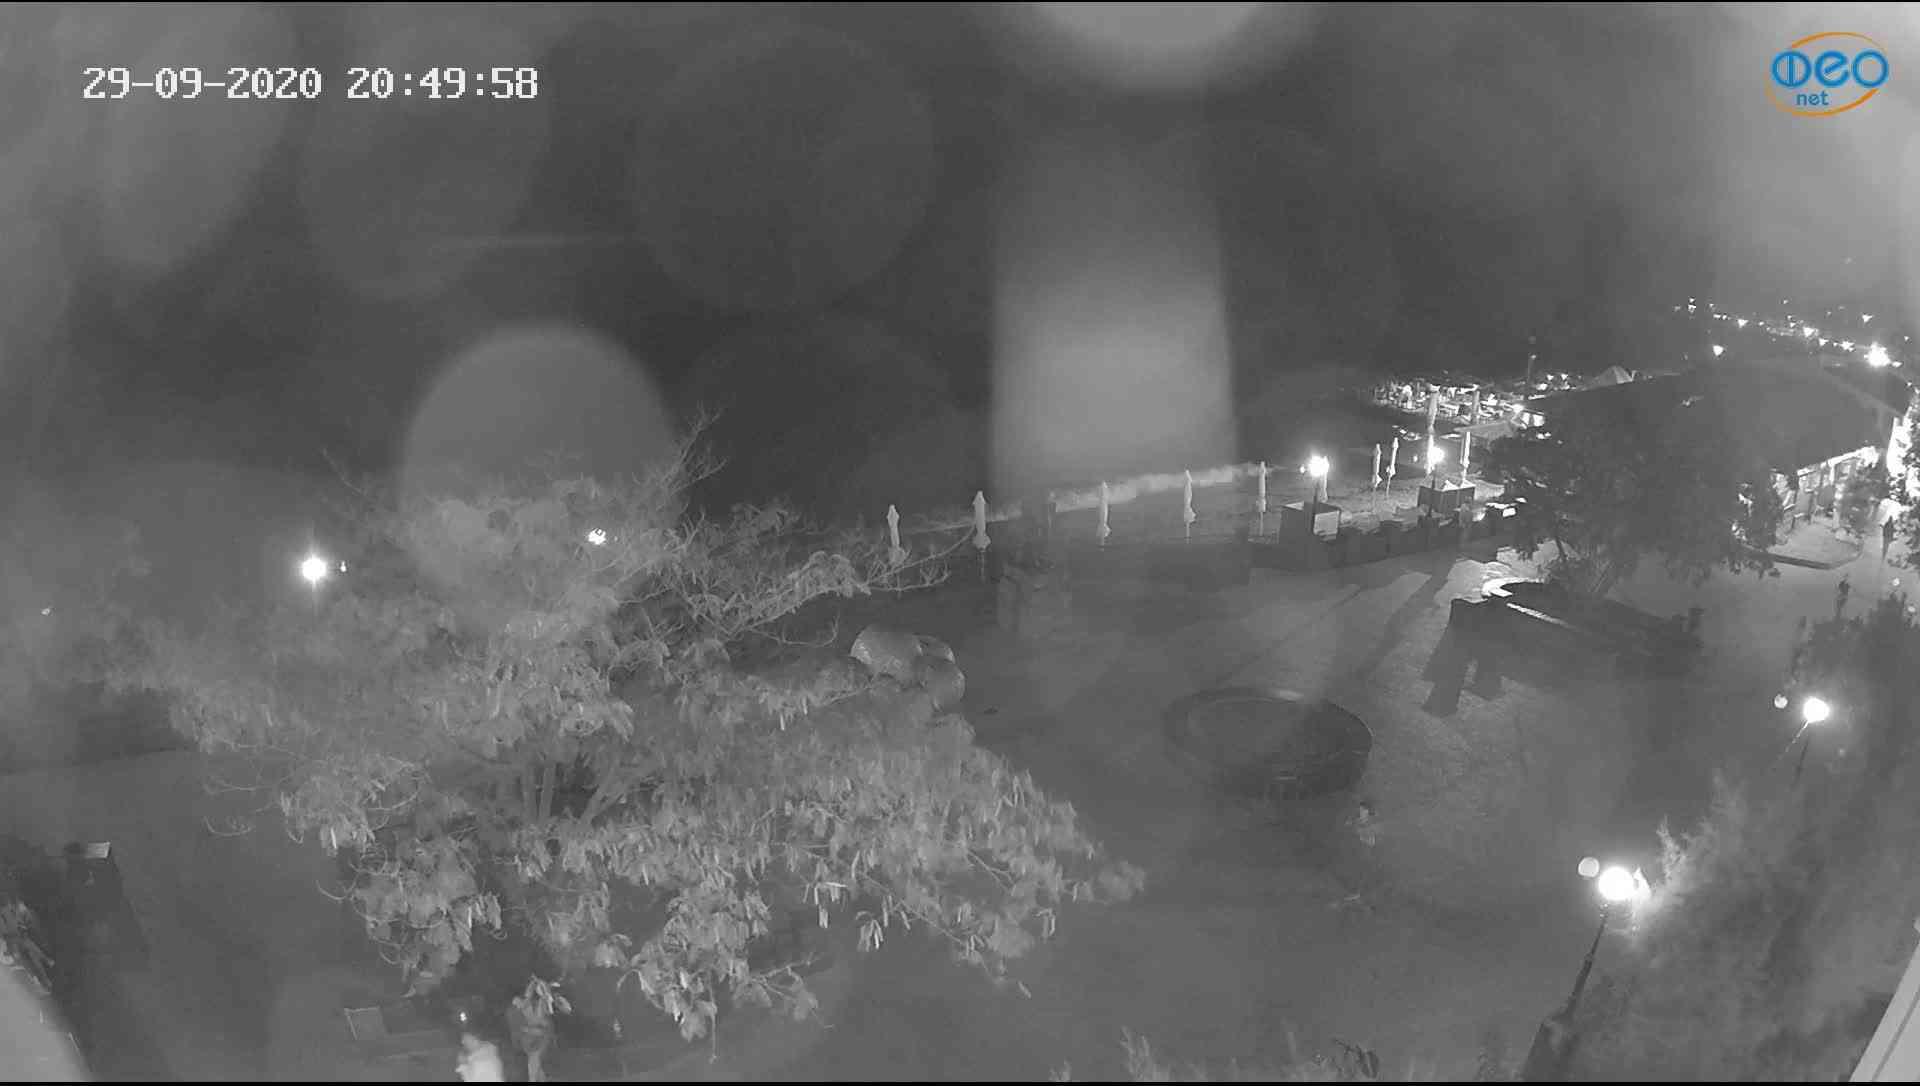 Веб-камеры Феодосии, Набережная Коктебель перед домом Волошина, 2020-09-29 20:50:17